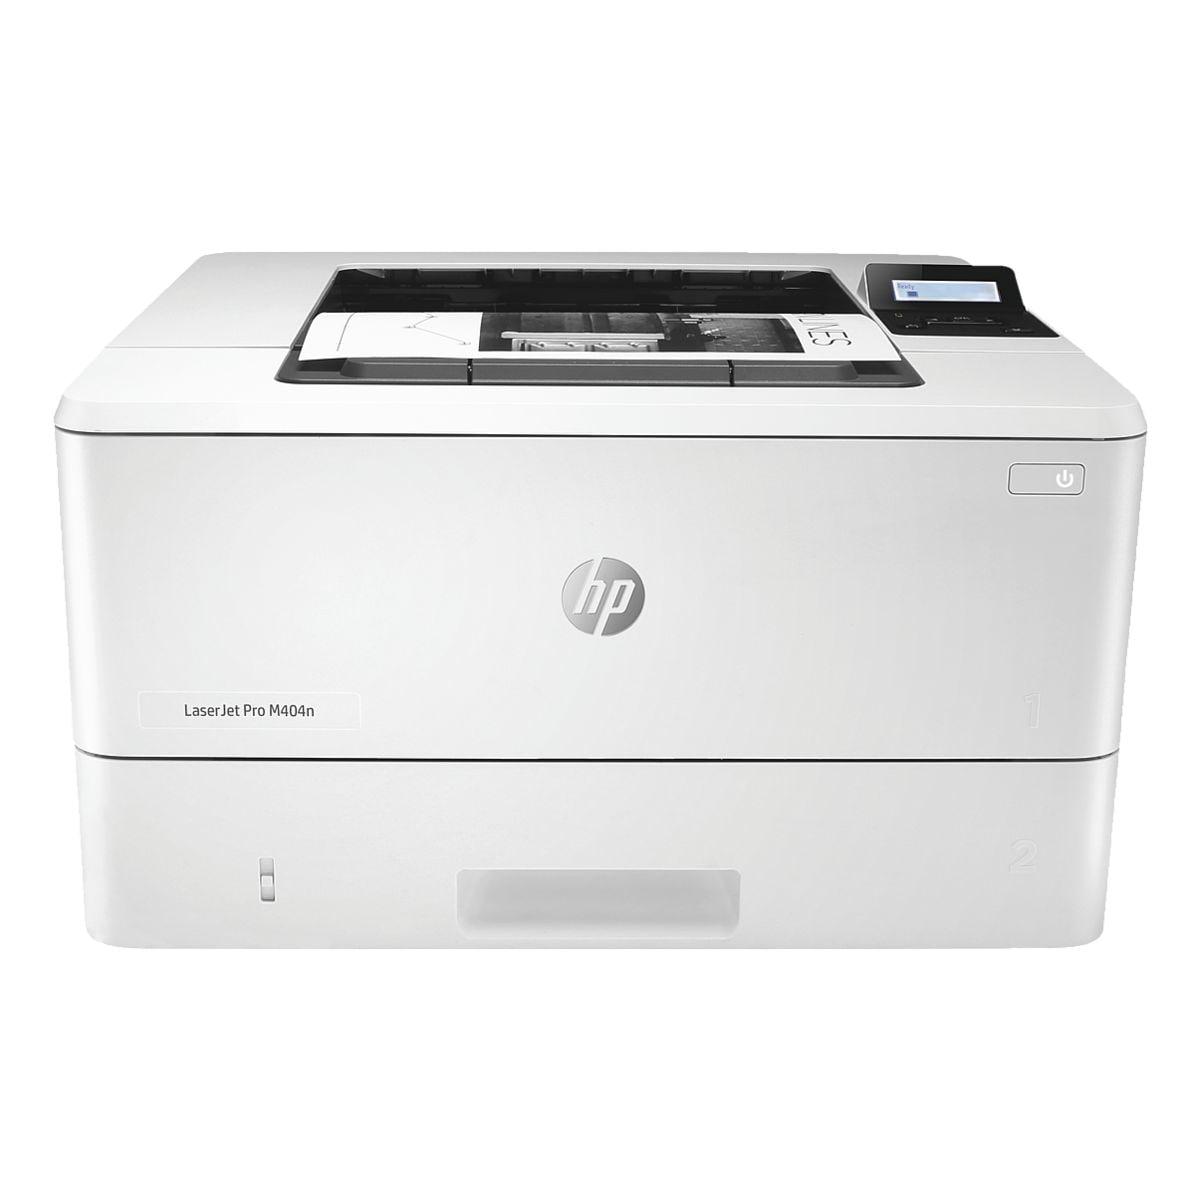 HP Laserdrucker HP LaserJet Pro M404n, A4 schwarz weiß Laserdrucker, 4800 x 600 dpi, mit LAN